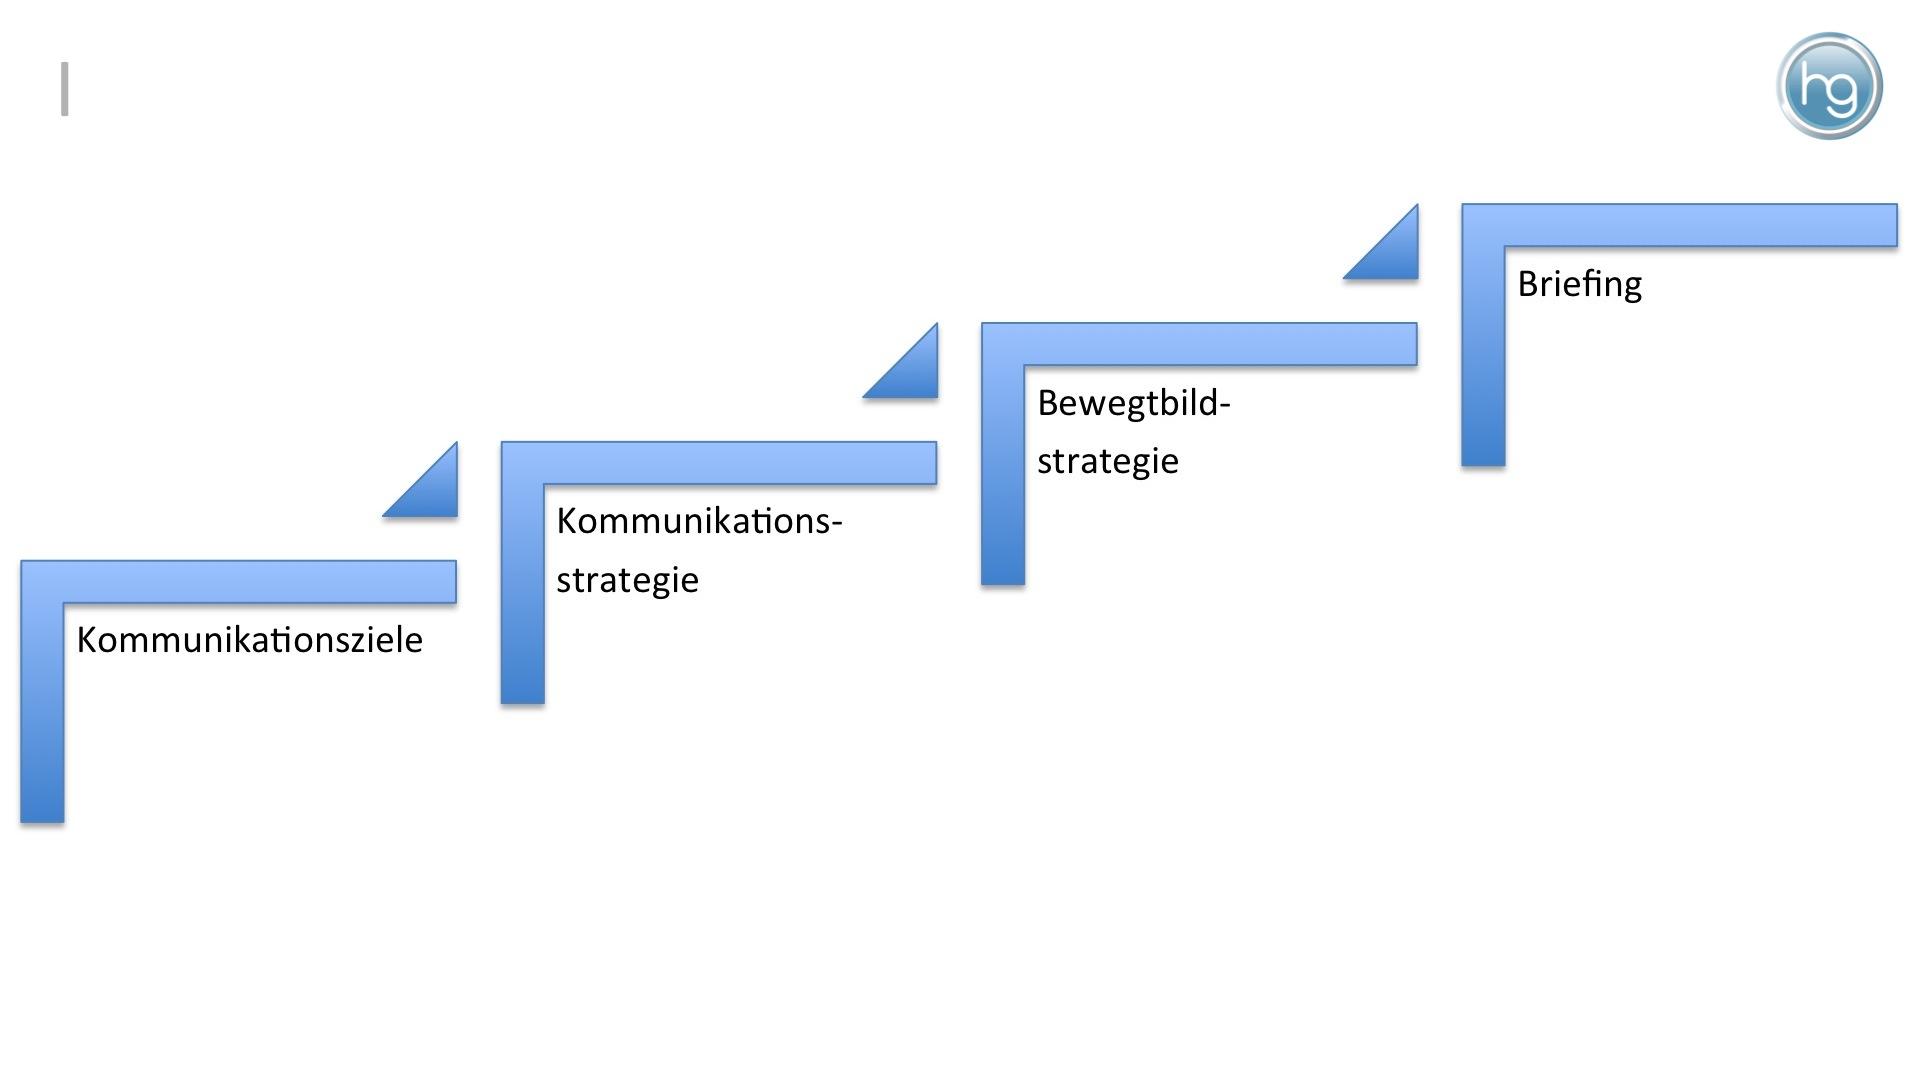 In der Praxis fehlt es häufig an einer klaren Zieldefinition und Kommunikationsstrategie. Nur wenige Unternehmen verfügen über eine Bewegtbildstrategie. Oft tun sich unternehmen sogar schwer, ein kalkulationsfähiges Briefing zu erstellen.